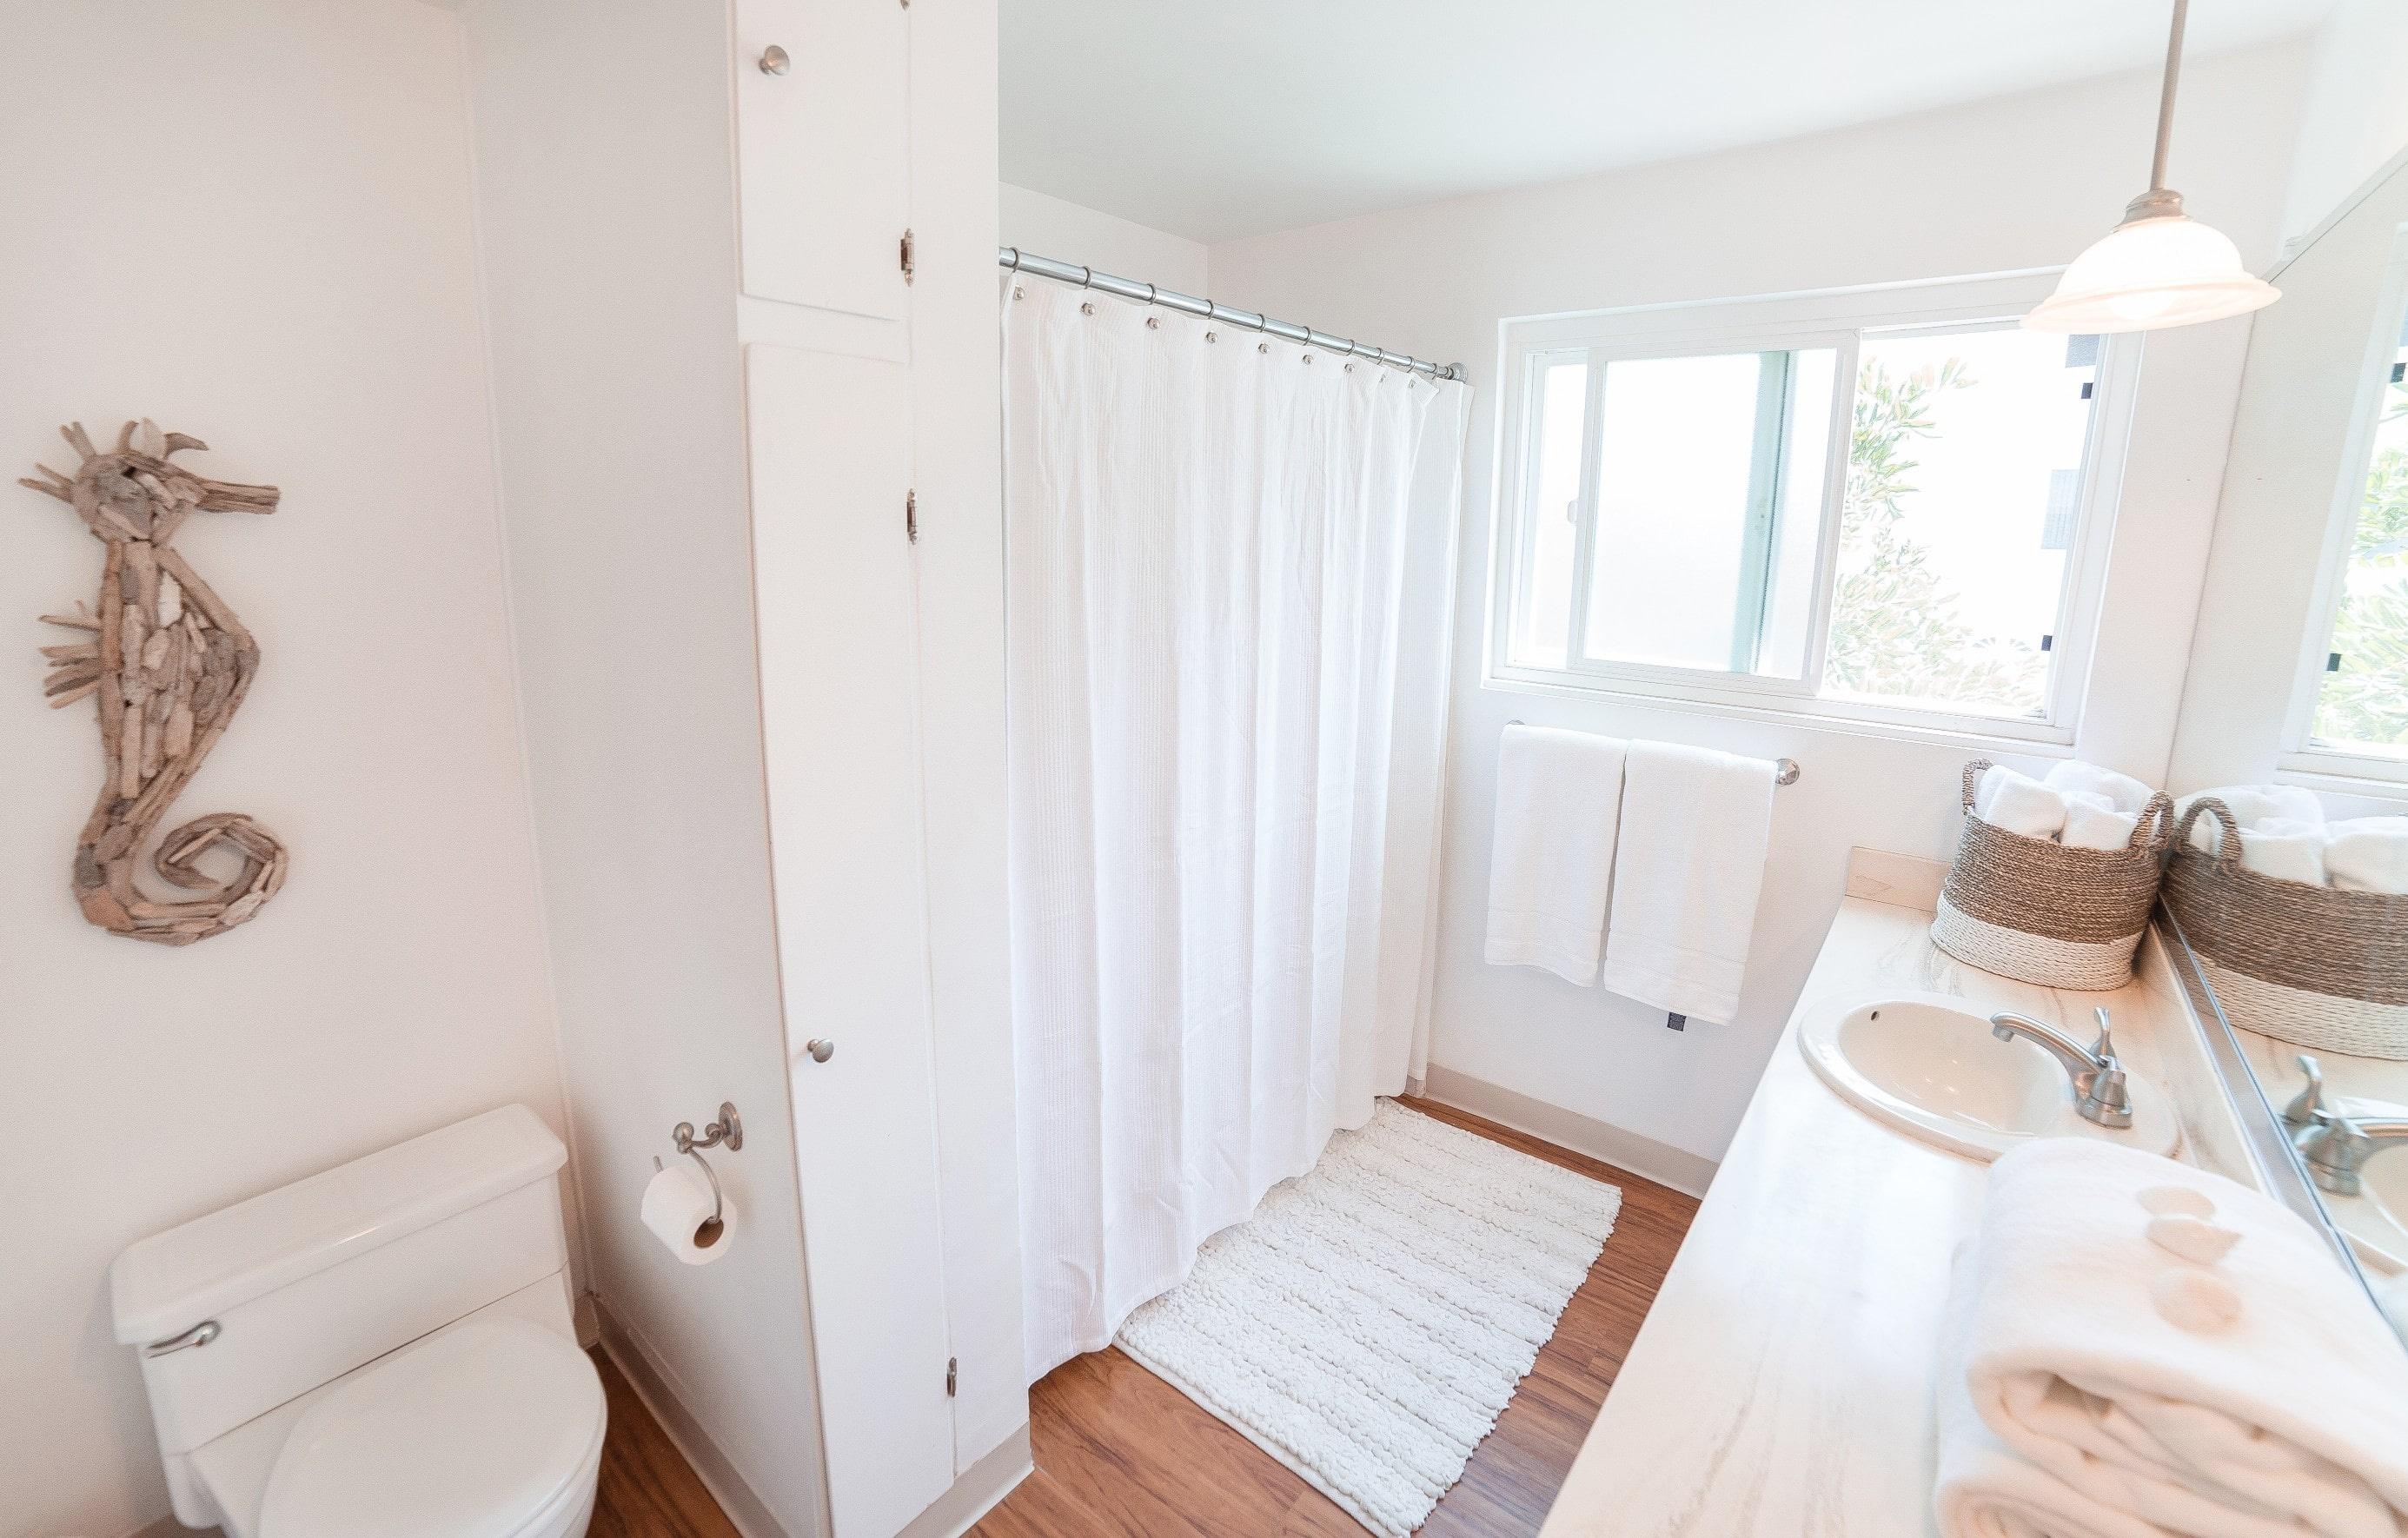 MB Apartment Bathroom 2